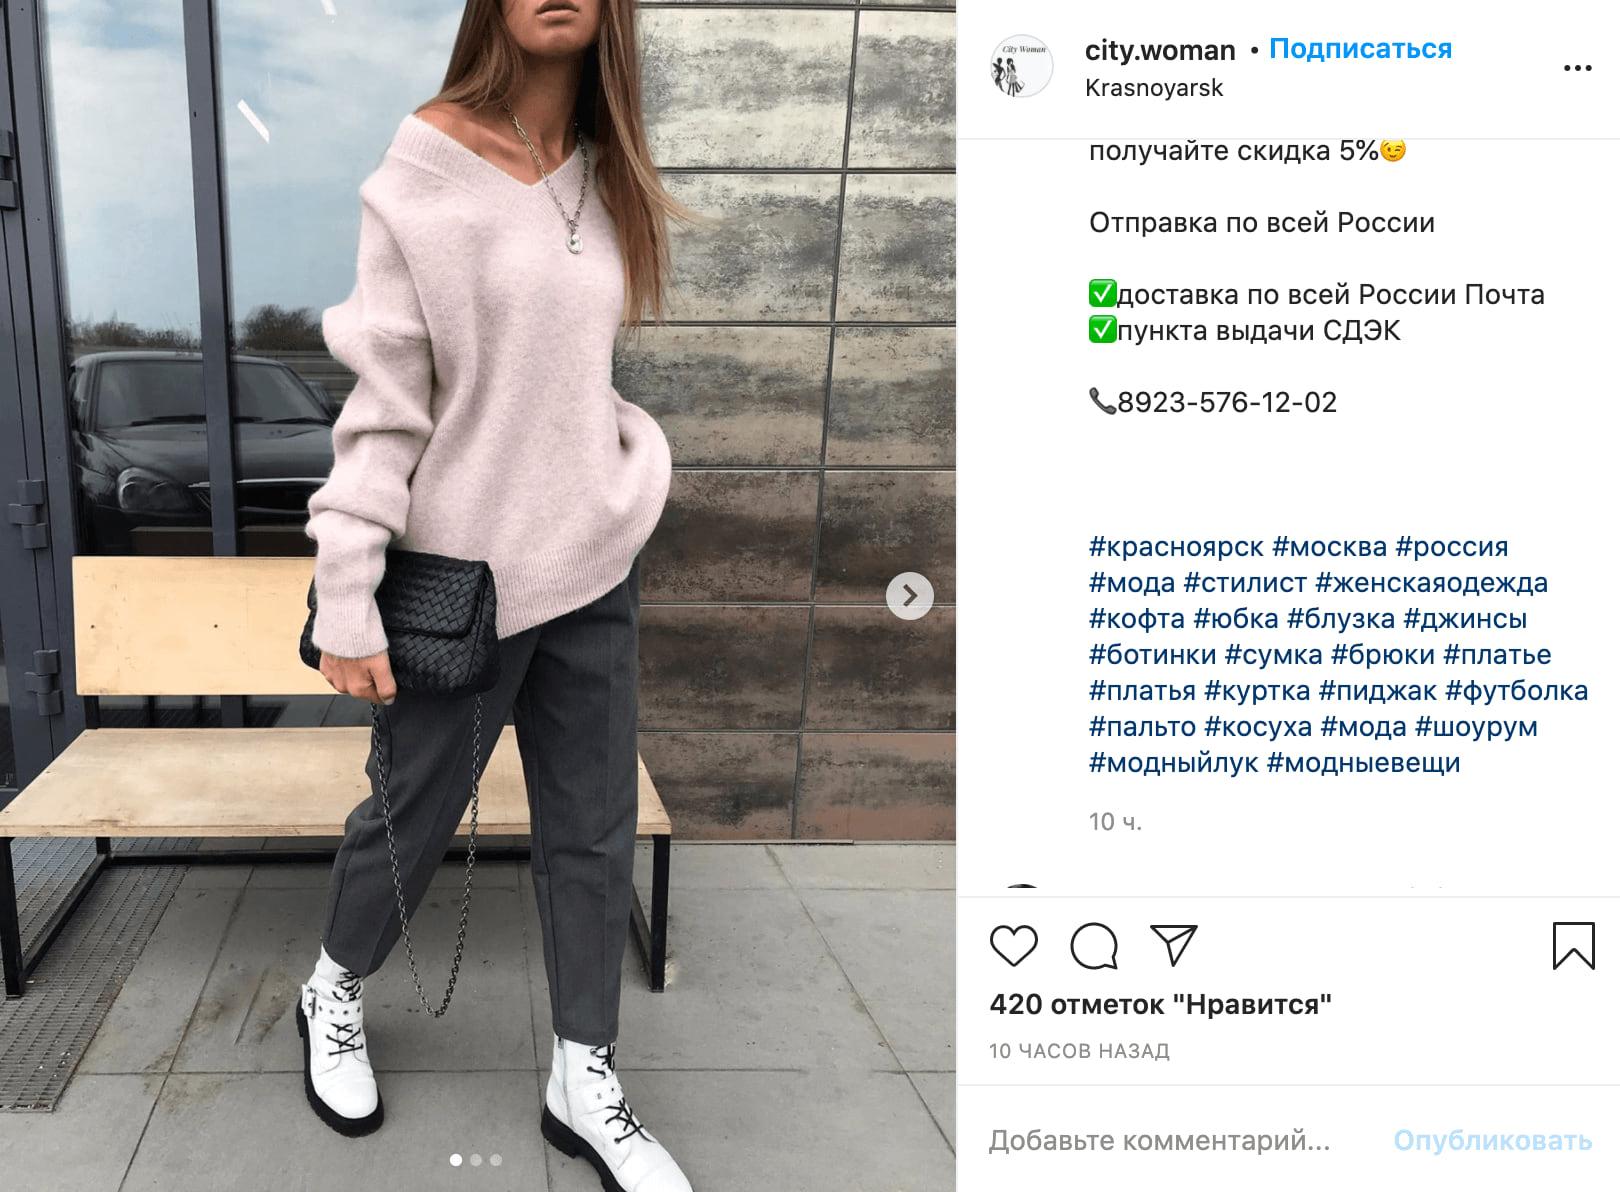 Пример неудачного использования общих хэштегов в Instagram